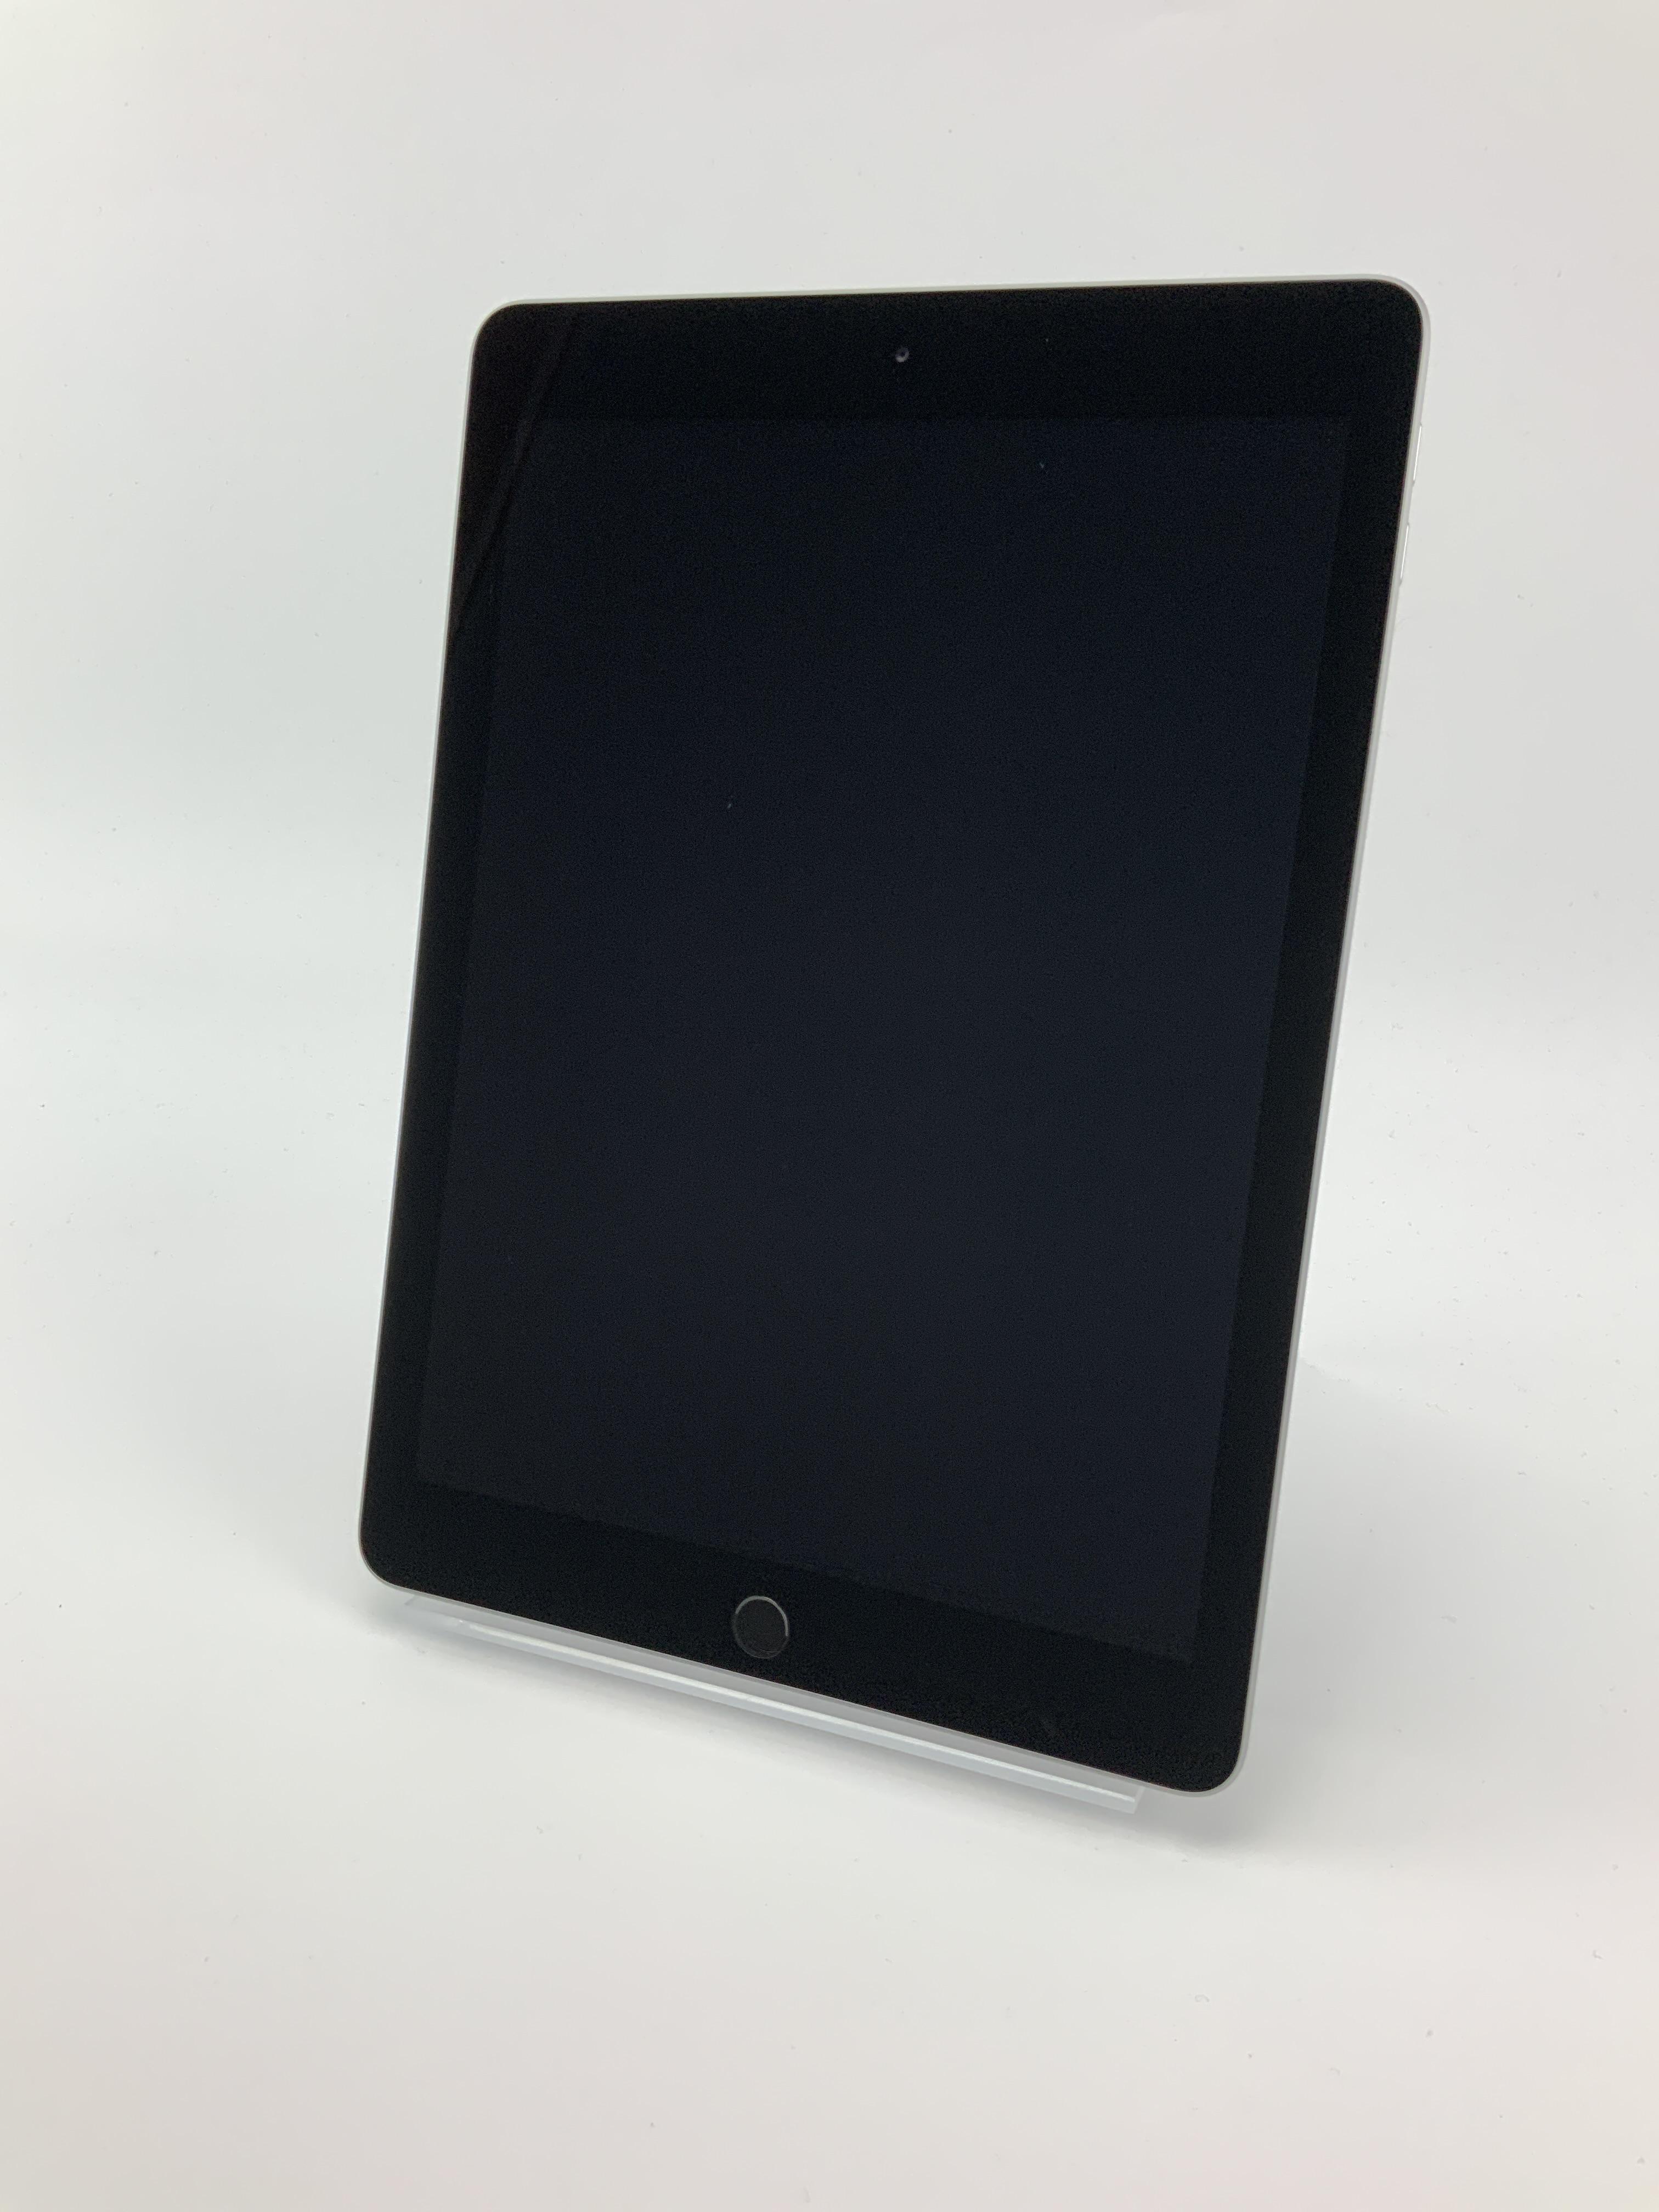 iPad 6 Wi-Fi 128GB, 128GB, Space Gray, immagine 1